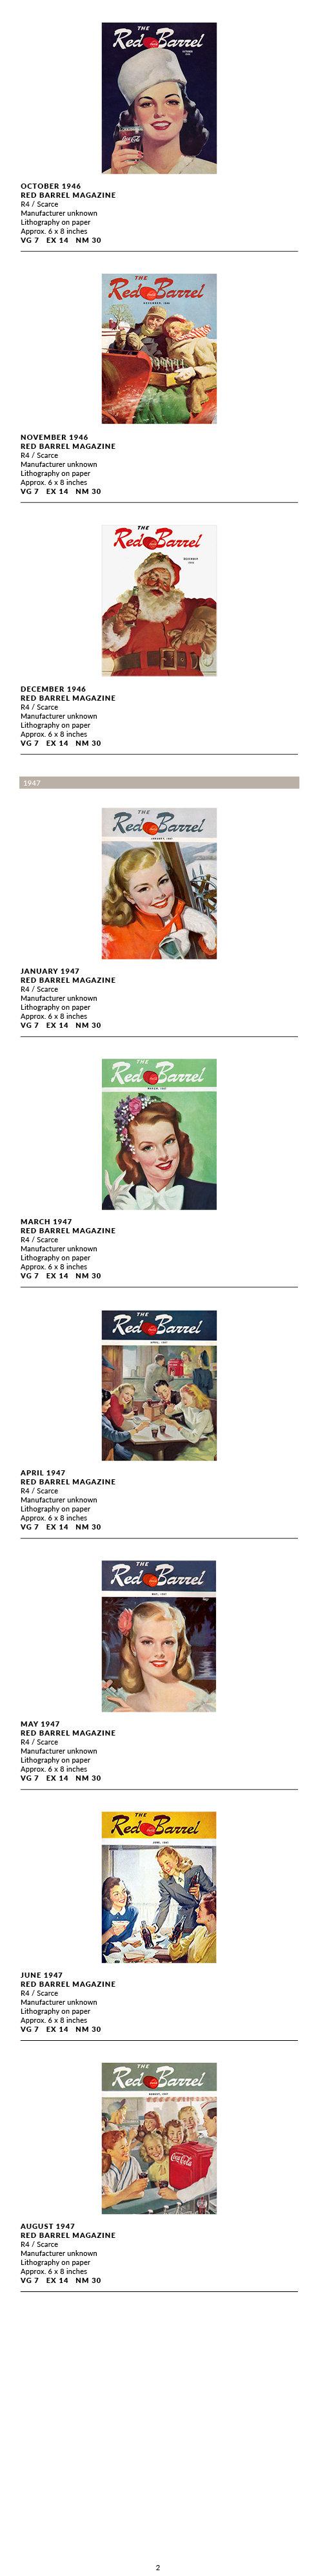 PHONE_RedBarrel_1946-522.jpg